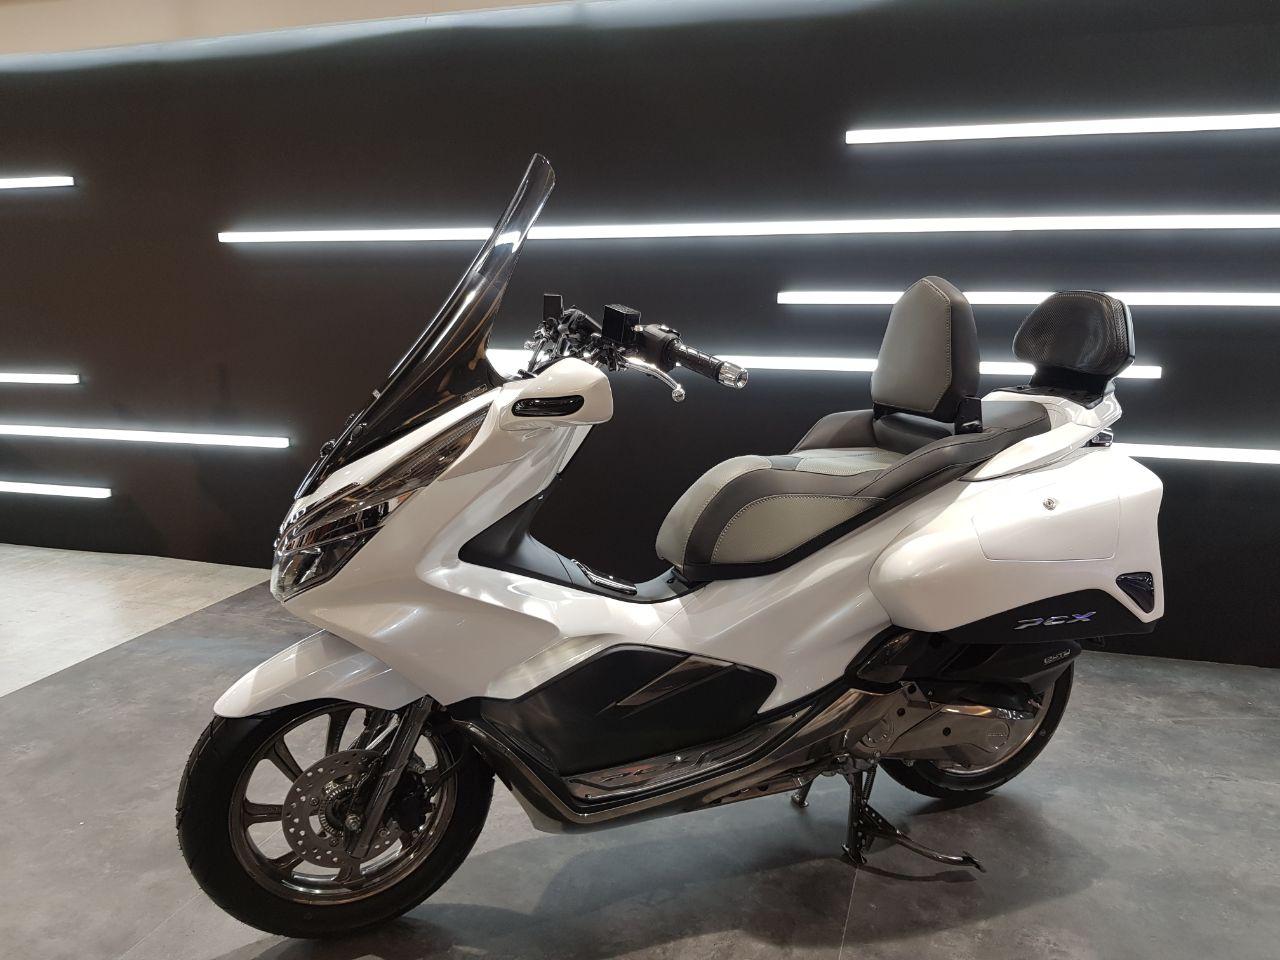 Ragam Modifikasi Honda PCX 150 Indonesia tahun 2018 (9)